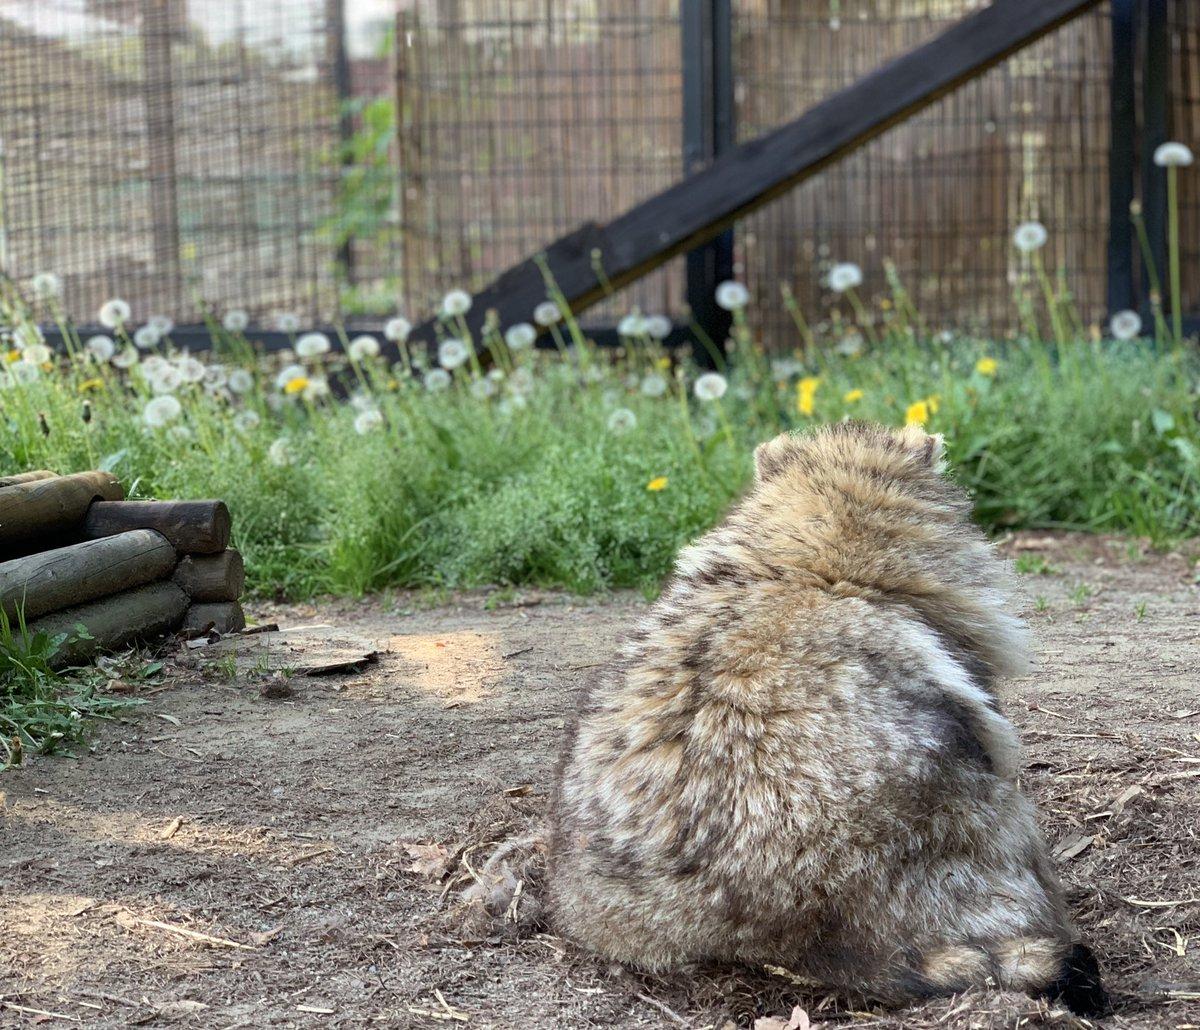 大地に溶ける今日のたぬきblog()#おびひろ動物園 #エゾタヌキ#obihirozoo   #raccoondog#今日のたぬき       #tanuki